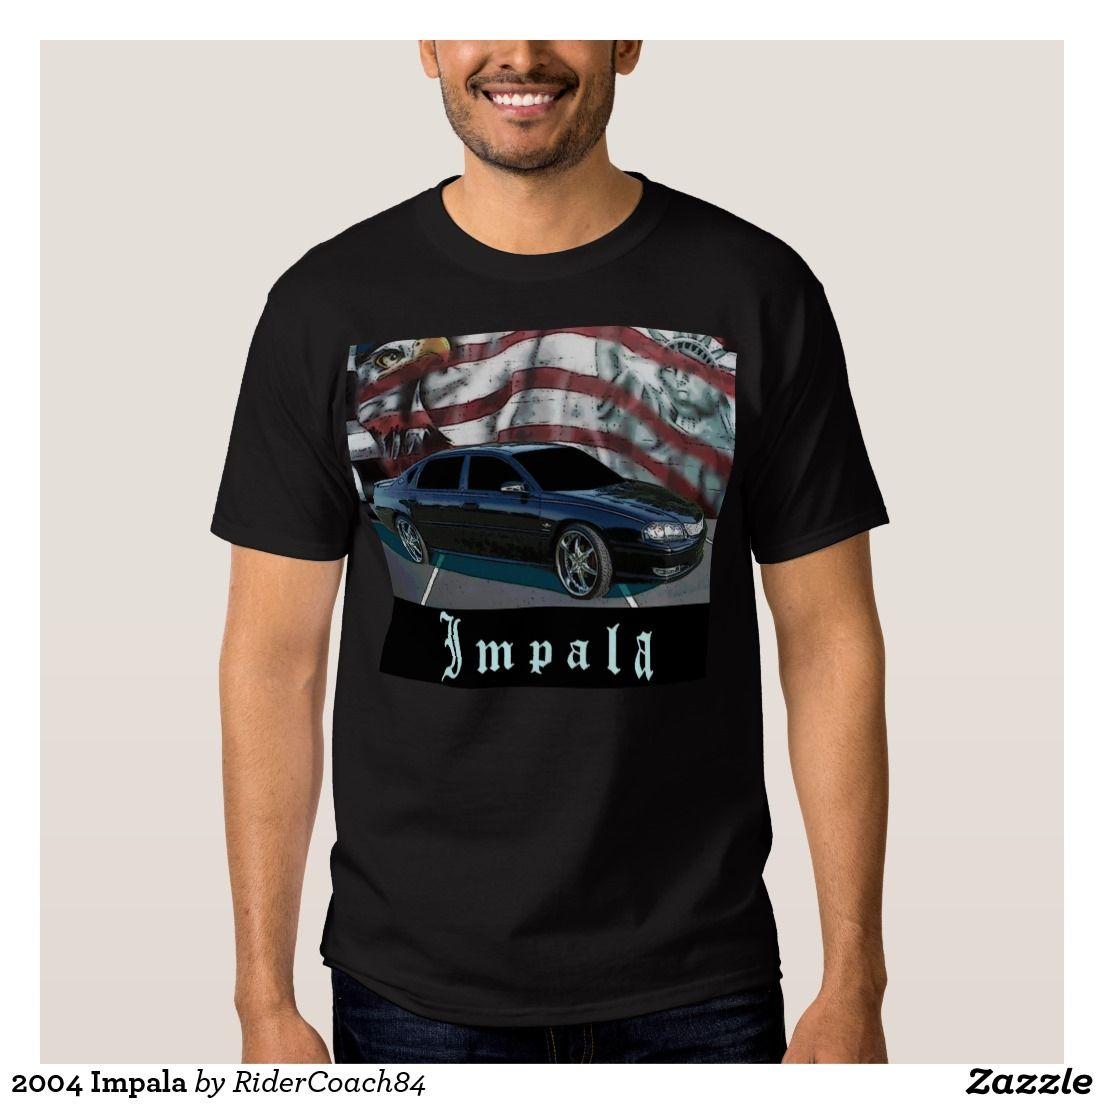 2004 Impala Shirt